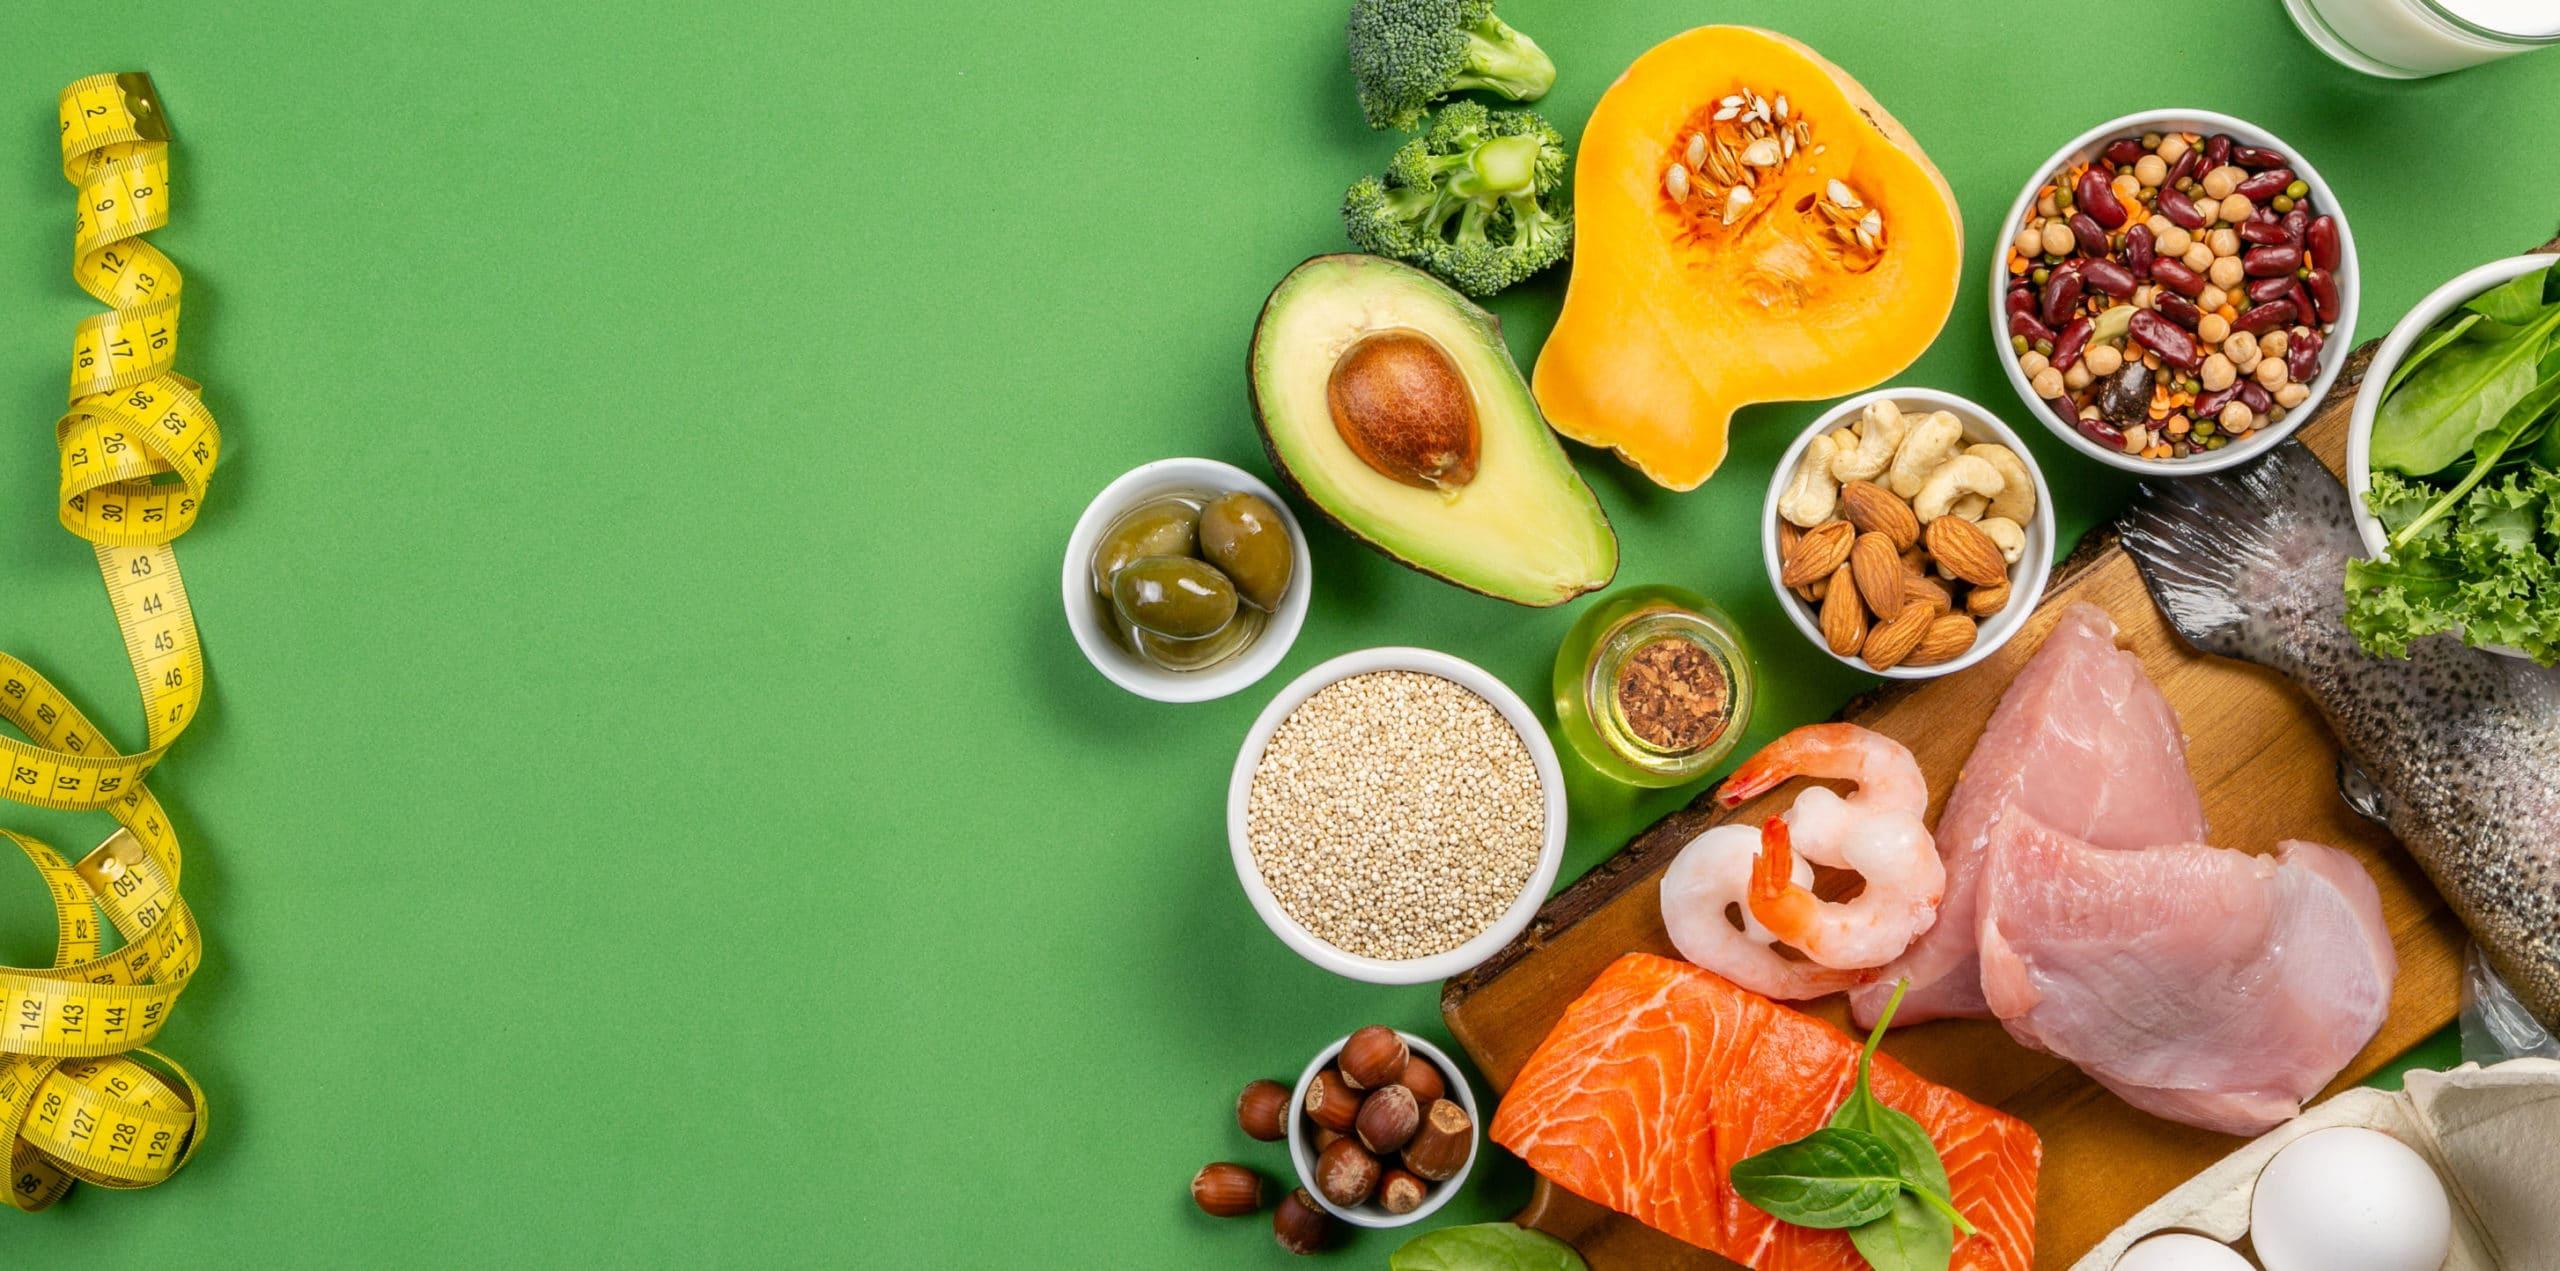 zalecenia żywieniowe